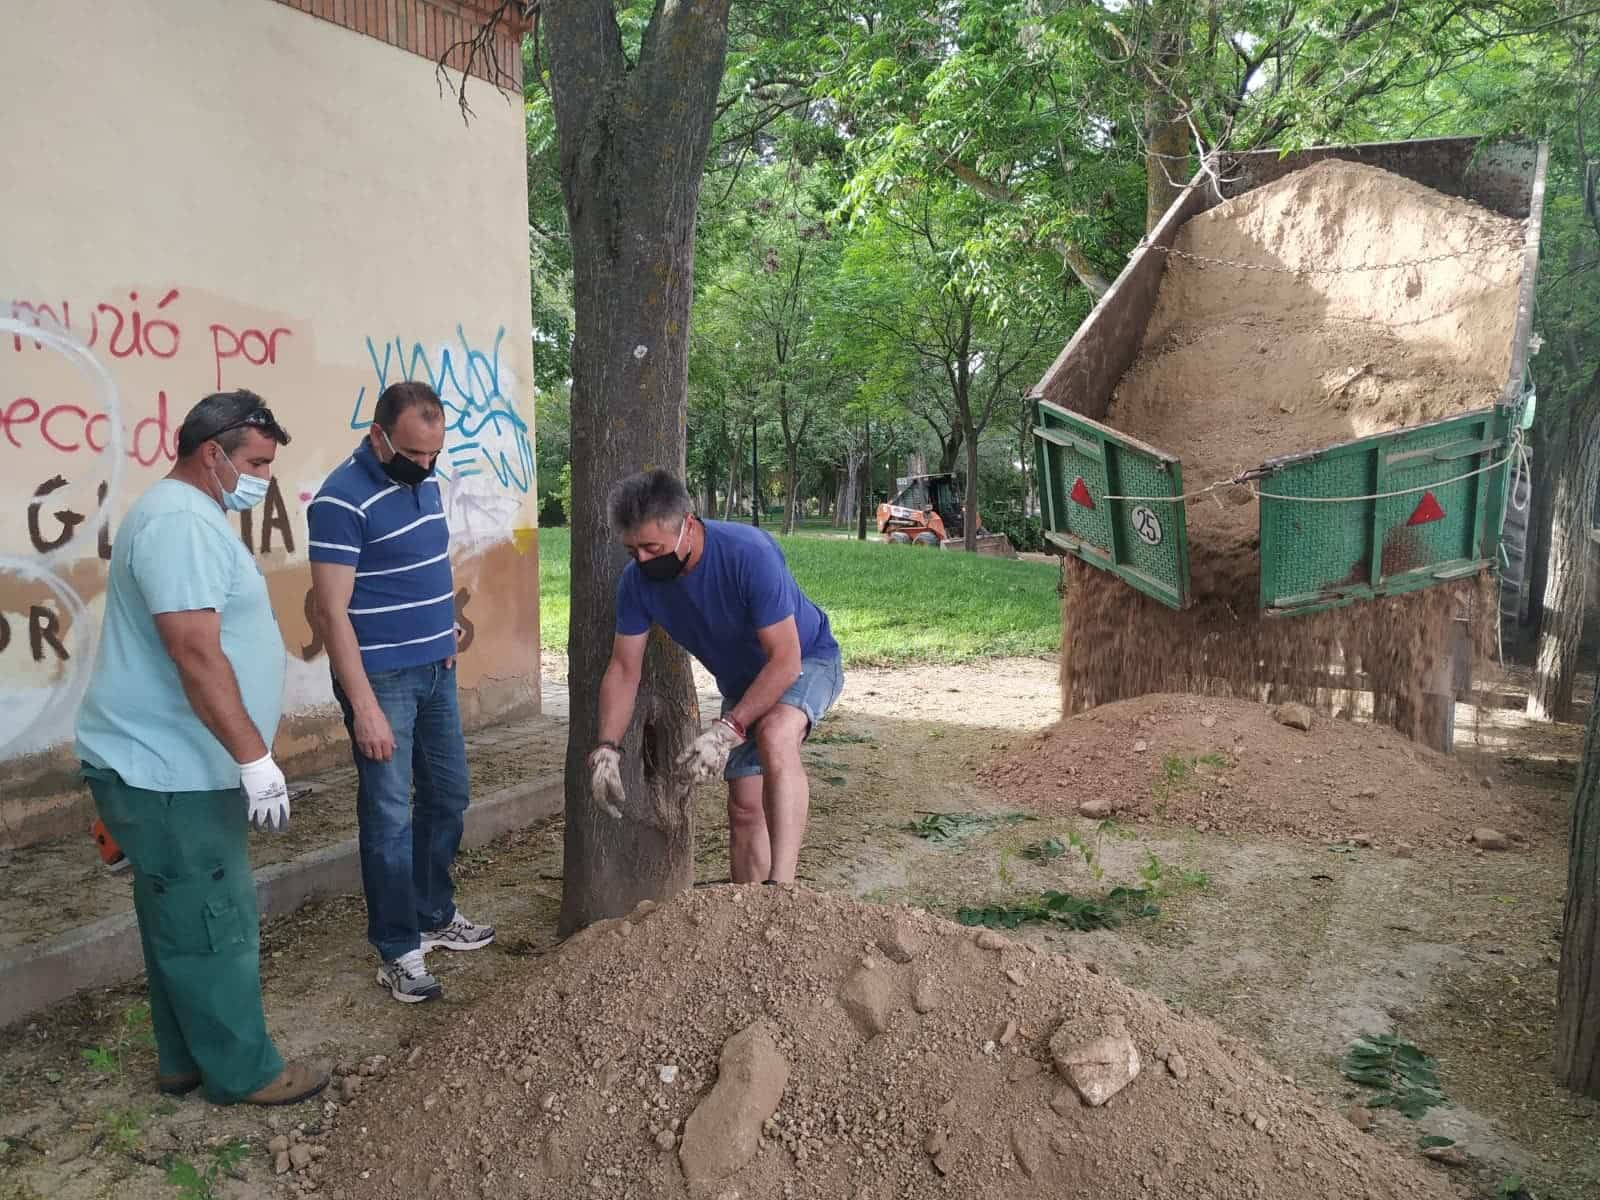 El Parque Municipal de Herencia finaliza sus obras de remodelación 13